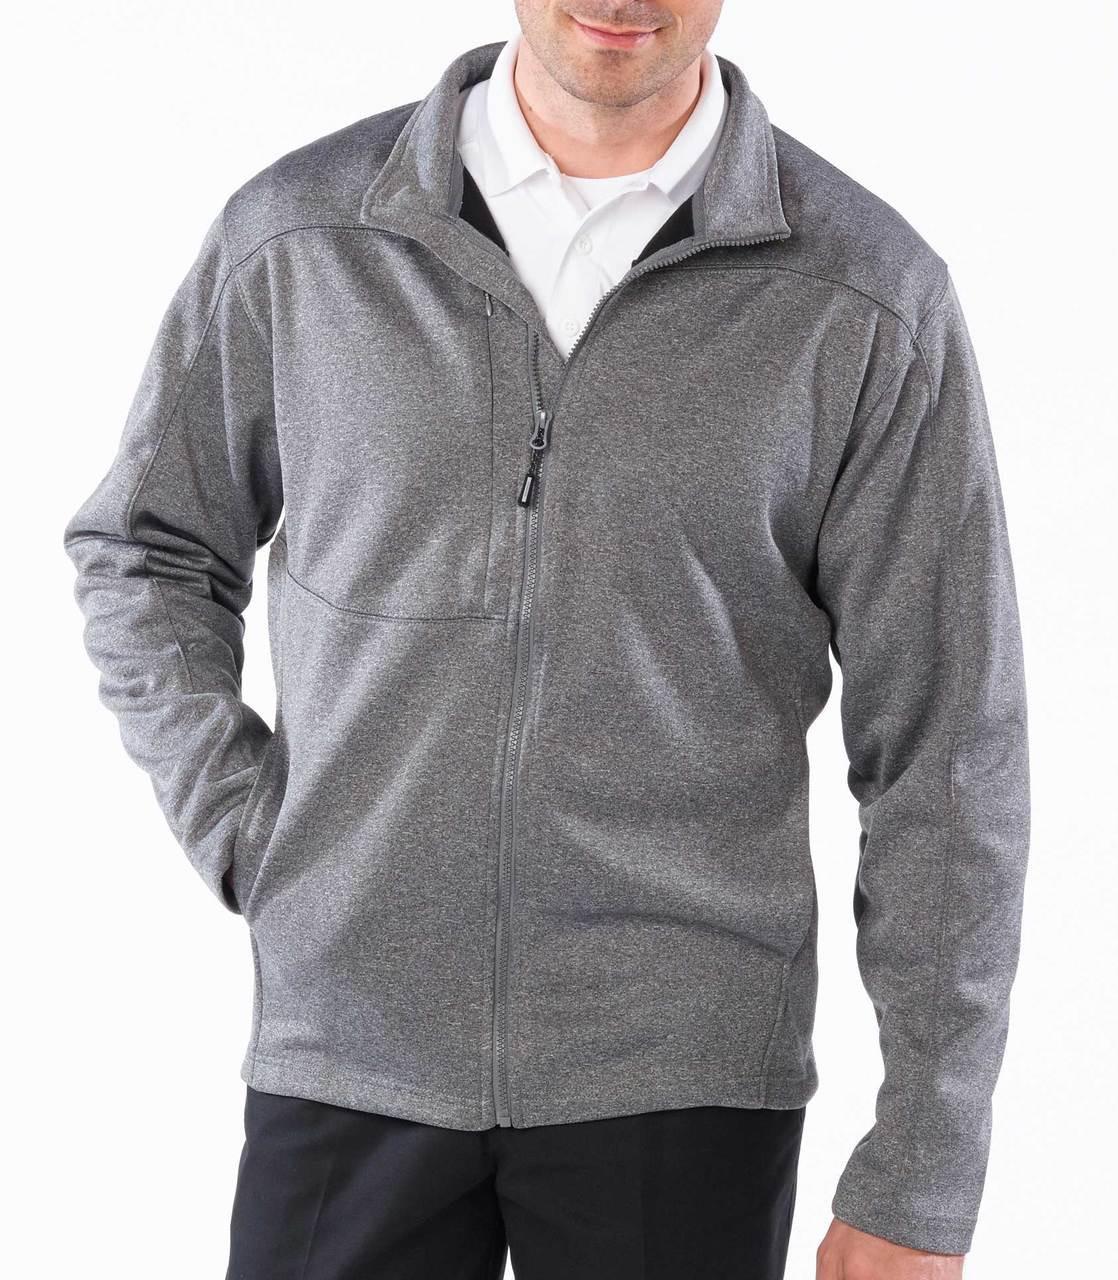 Active Employee Performance Jacket